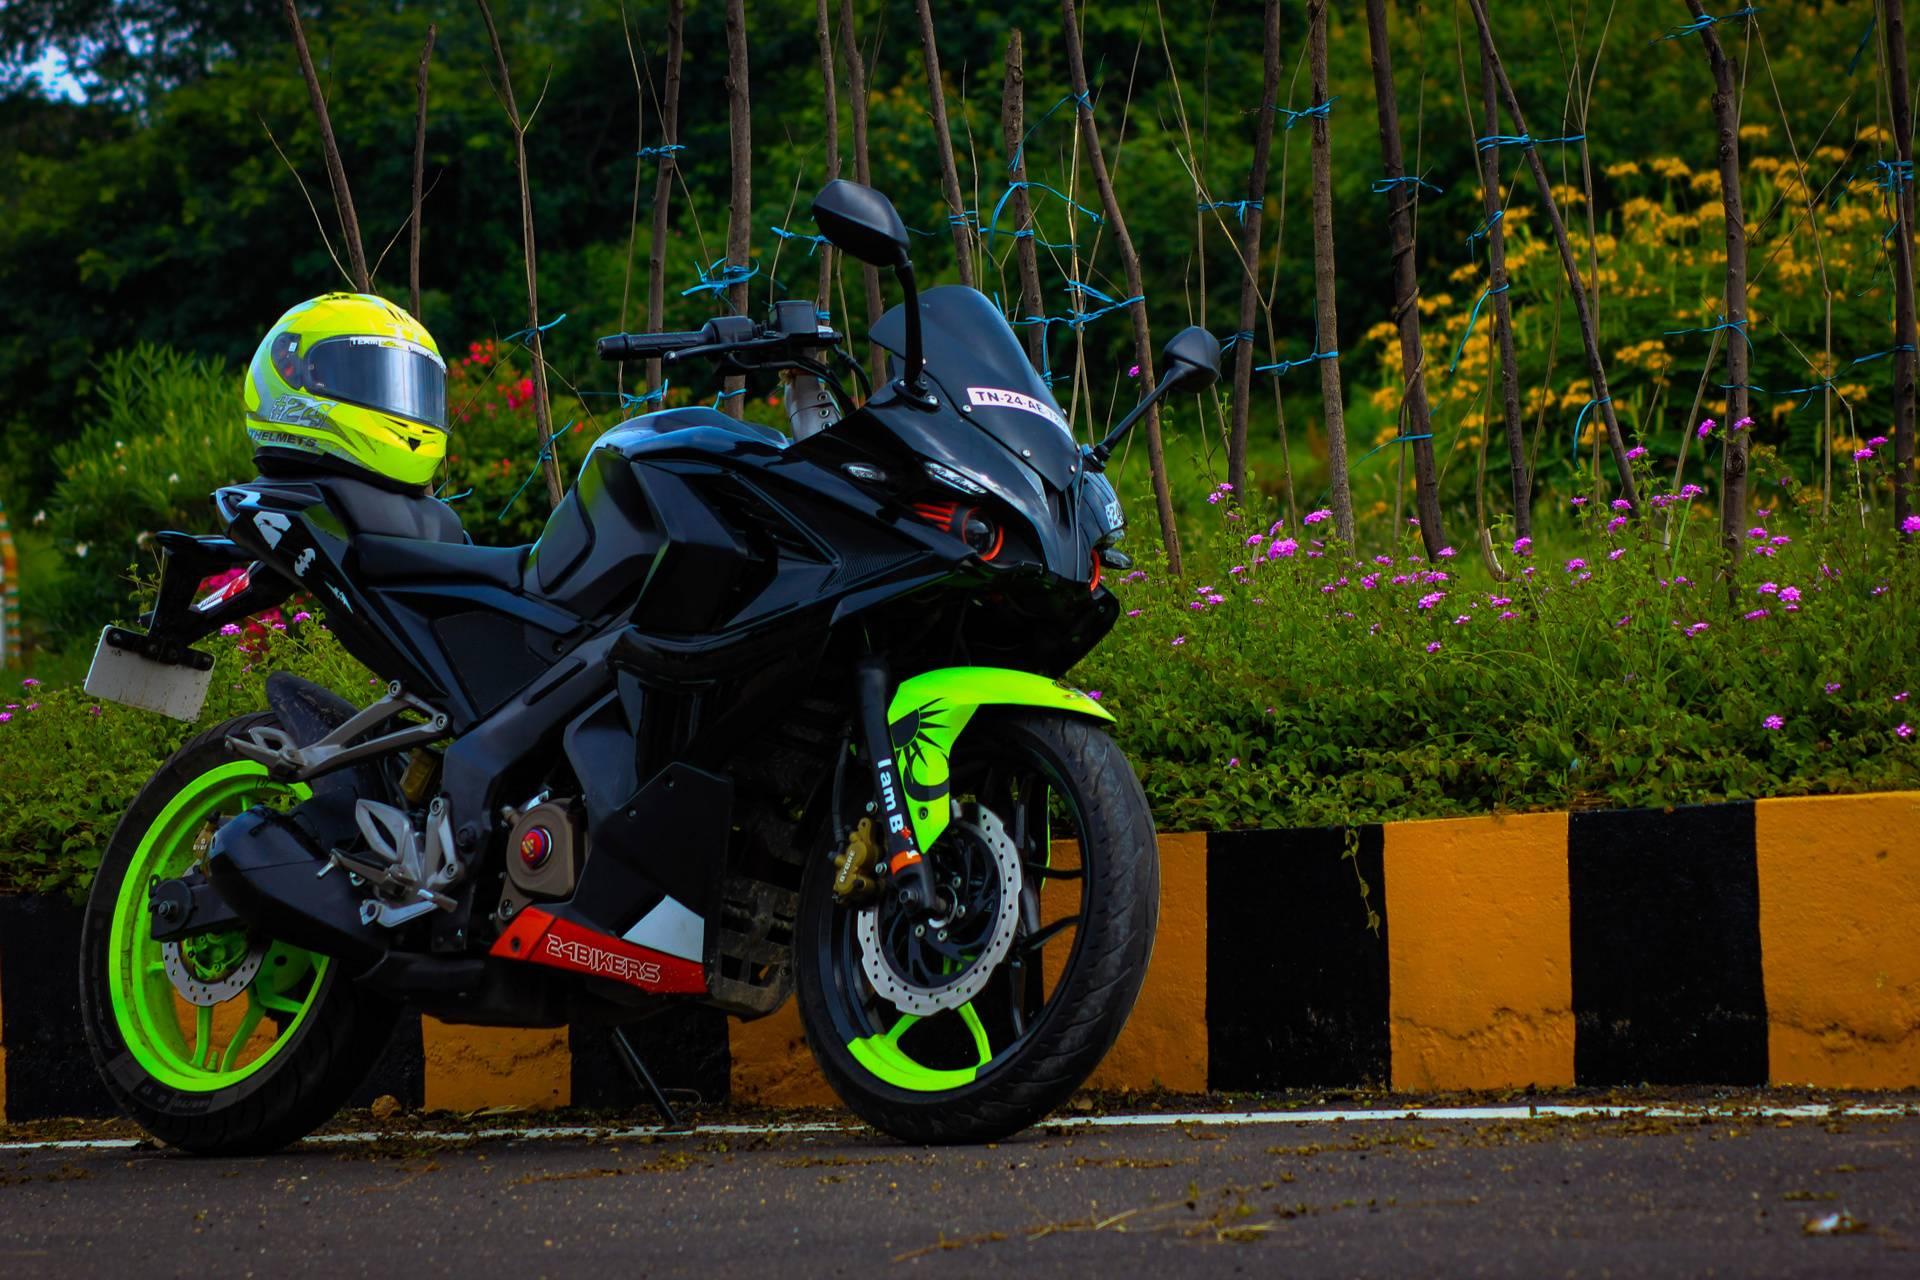 RS200 bajaj